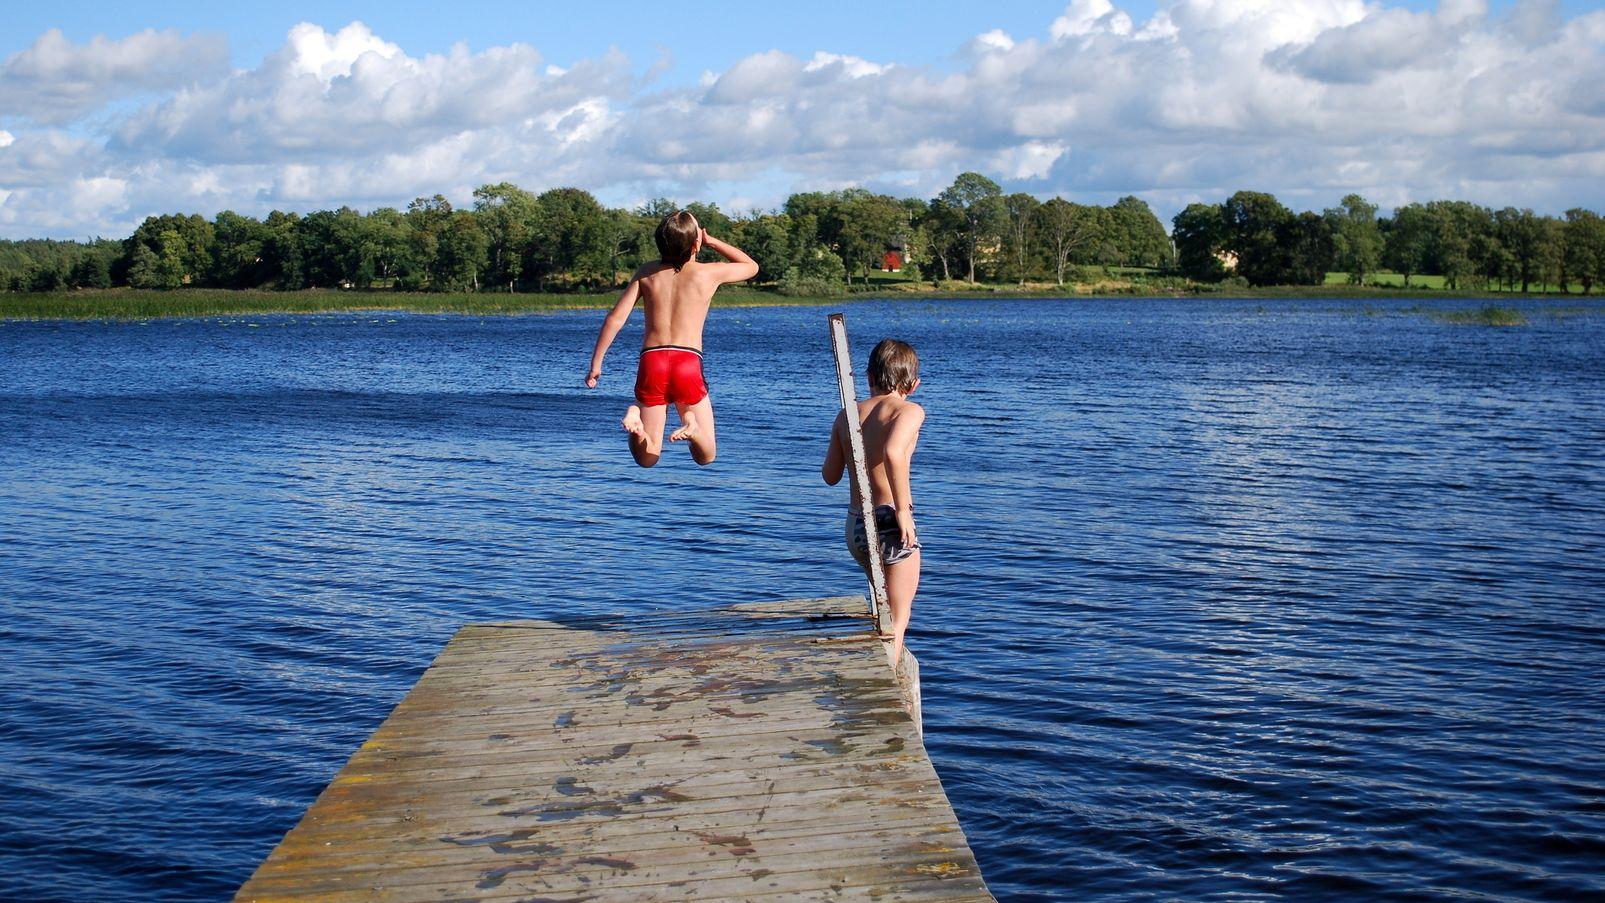 Zwei Jungen an einem Badesee springen von einem Steg aus ins Wasser.